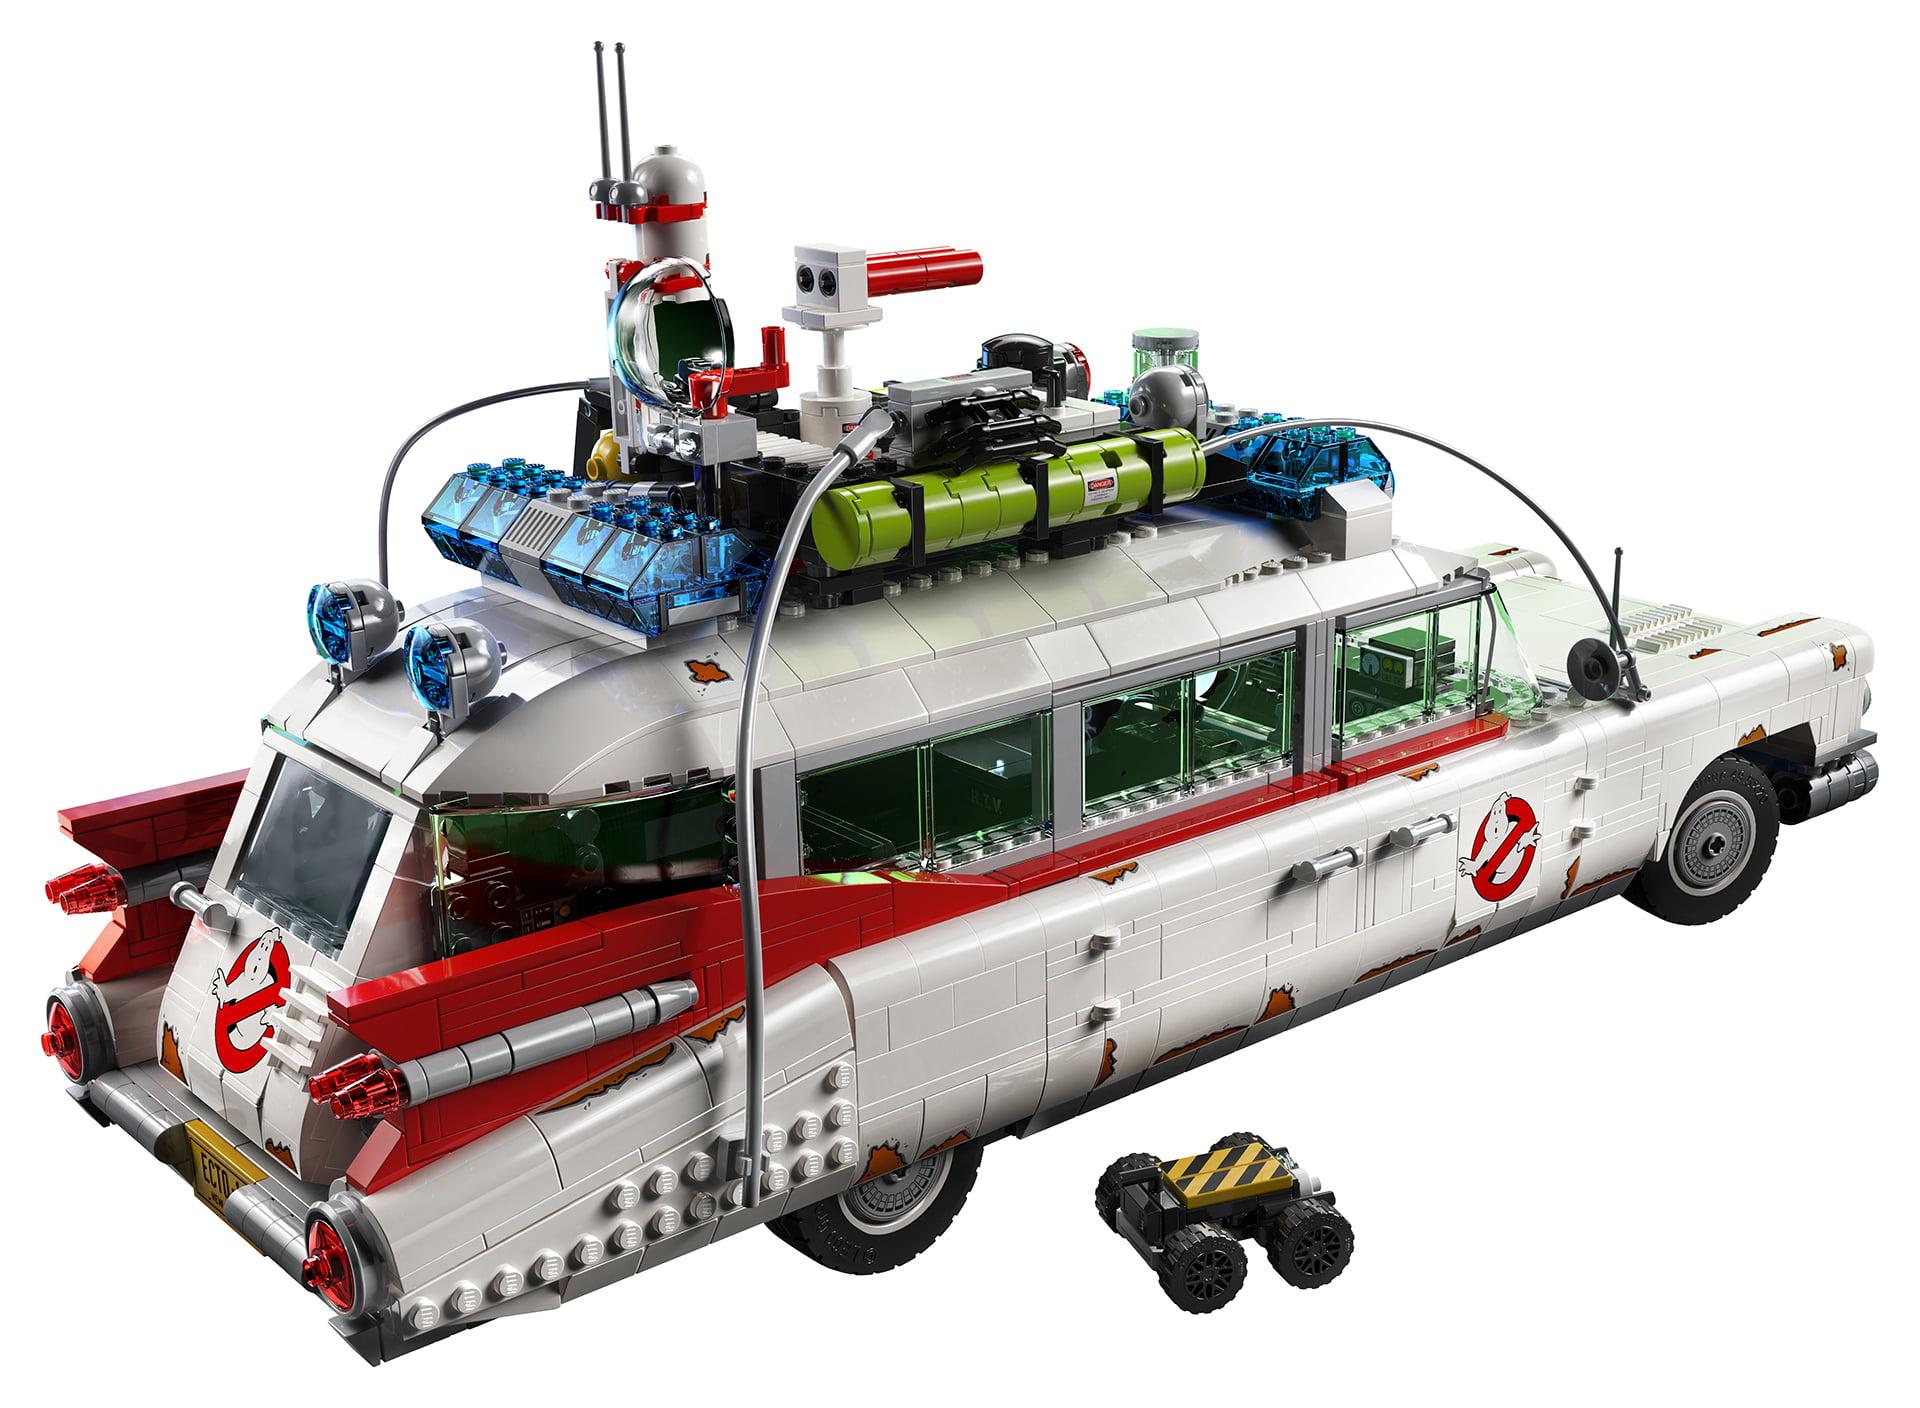 LEGO ECTO-1 who can you call?